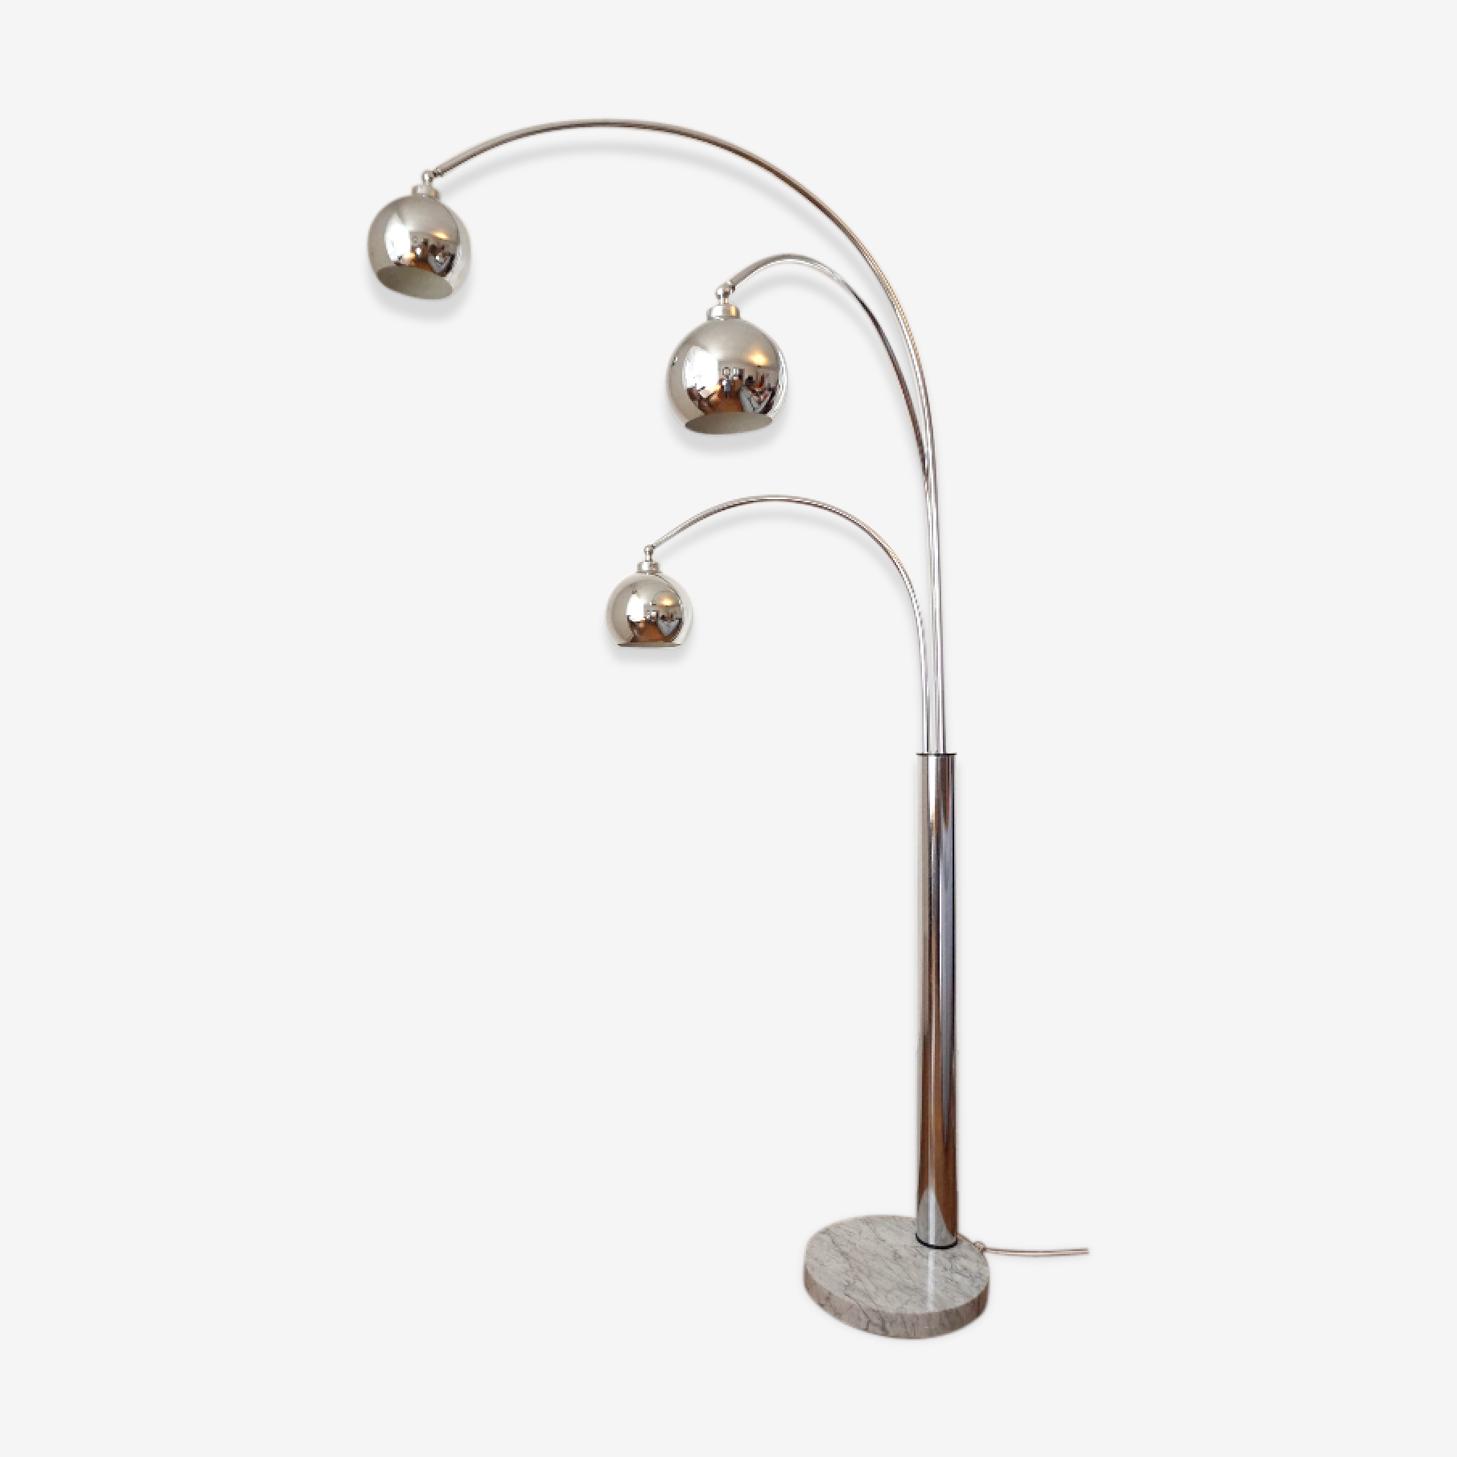 Lampe vintage 3 globes pied en marbre